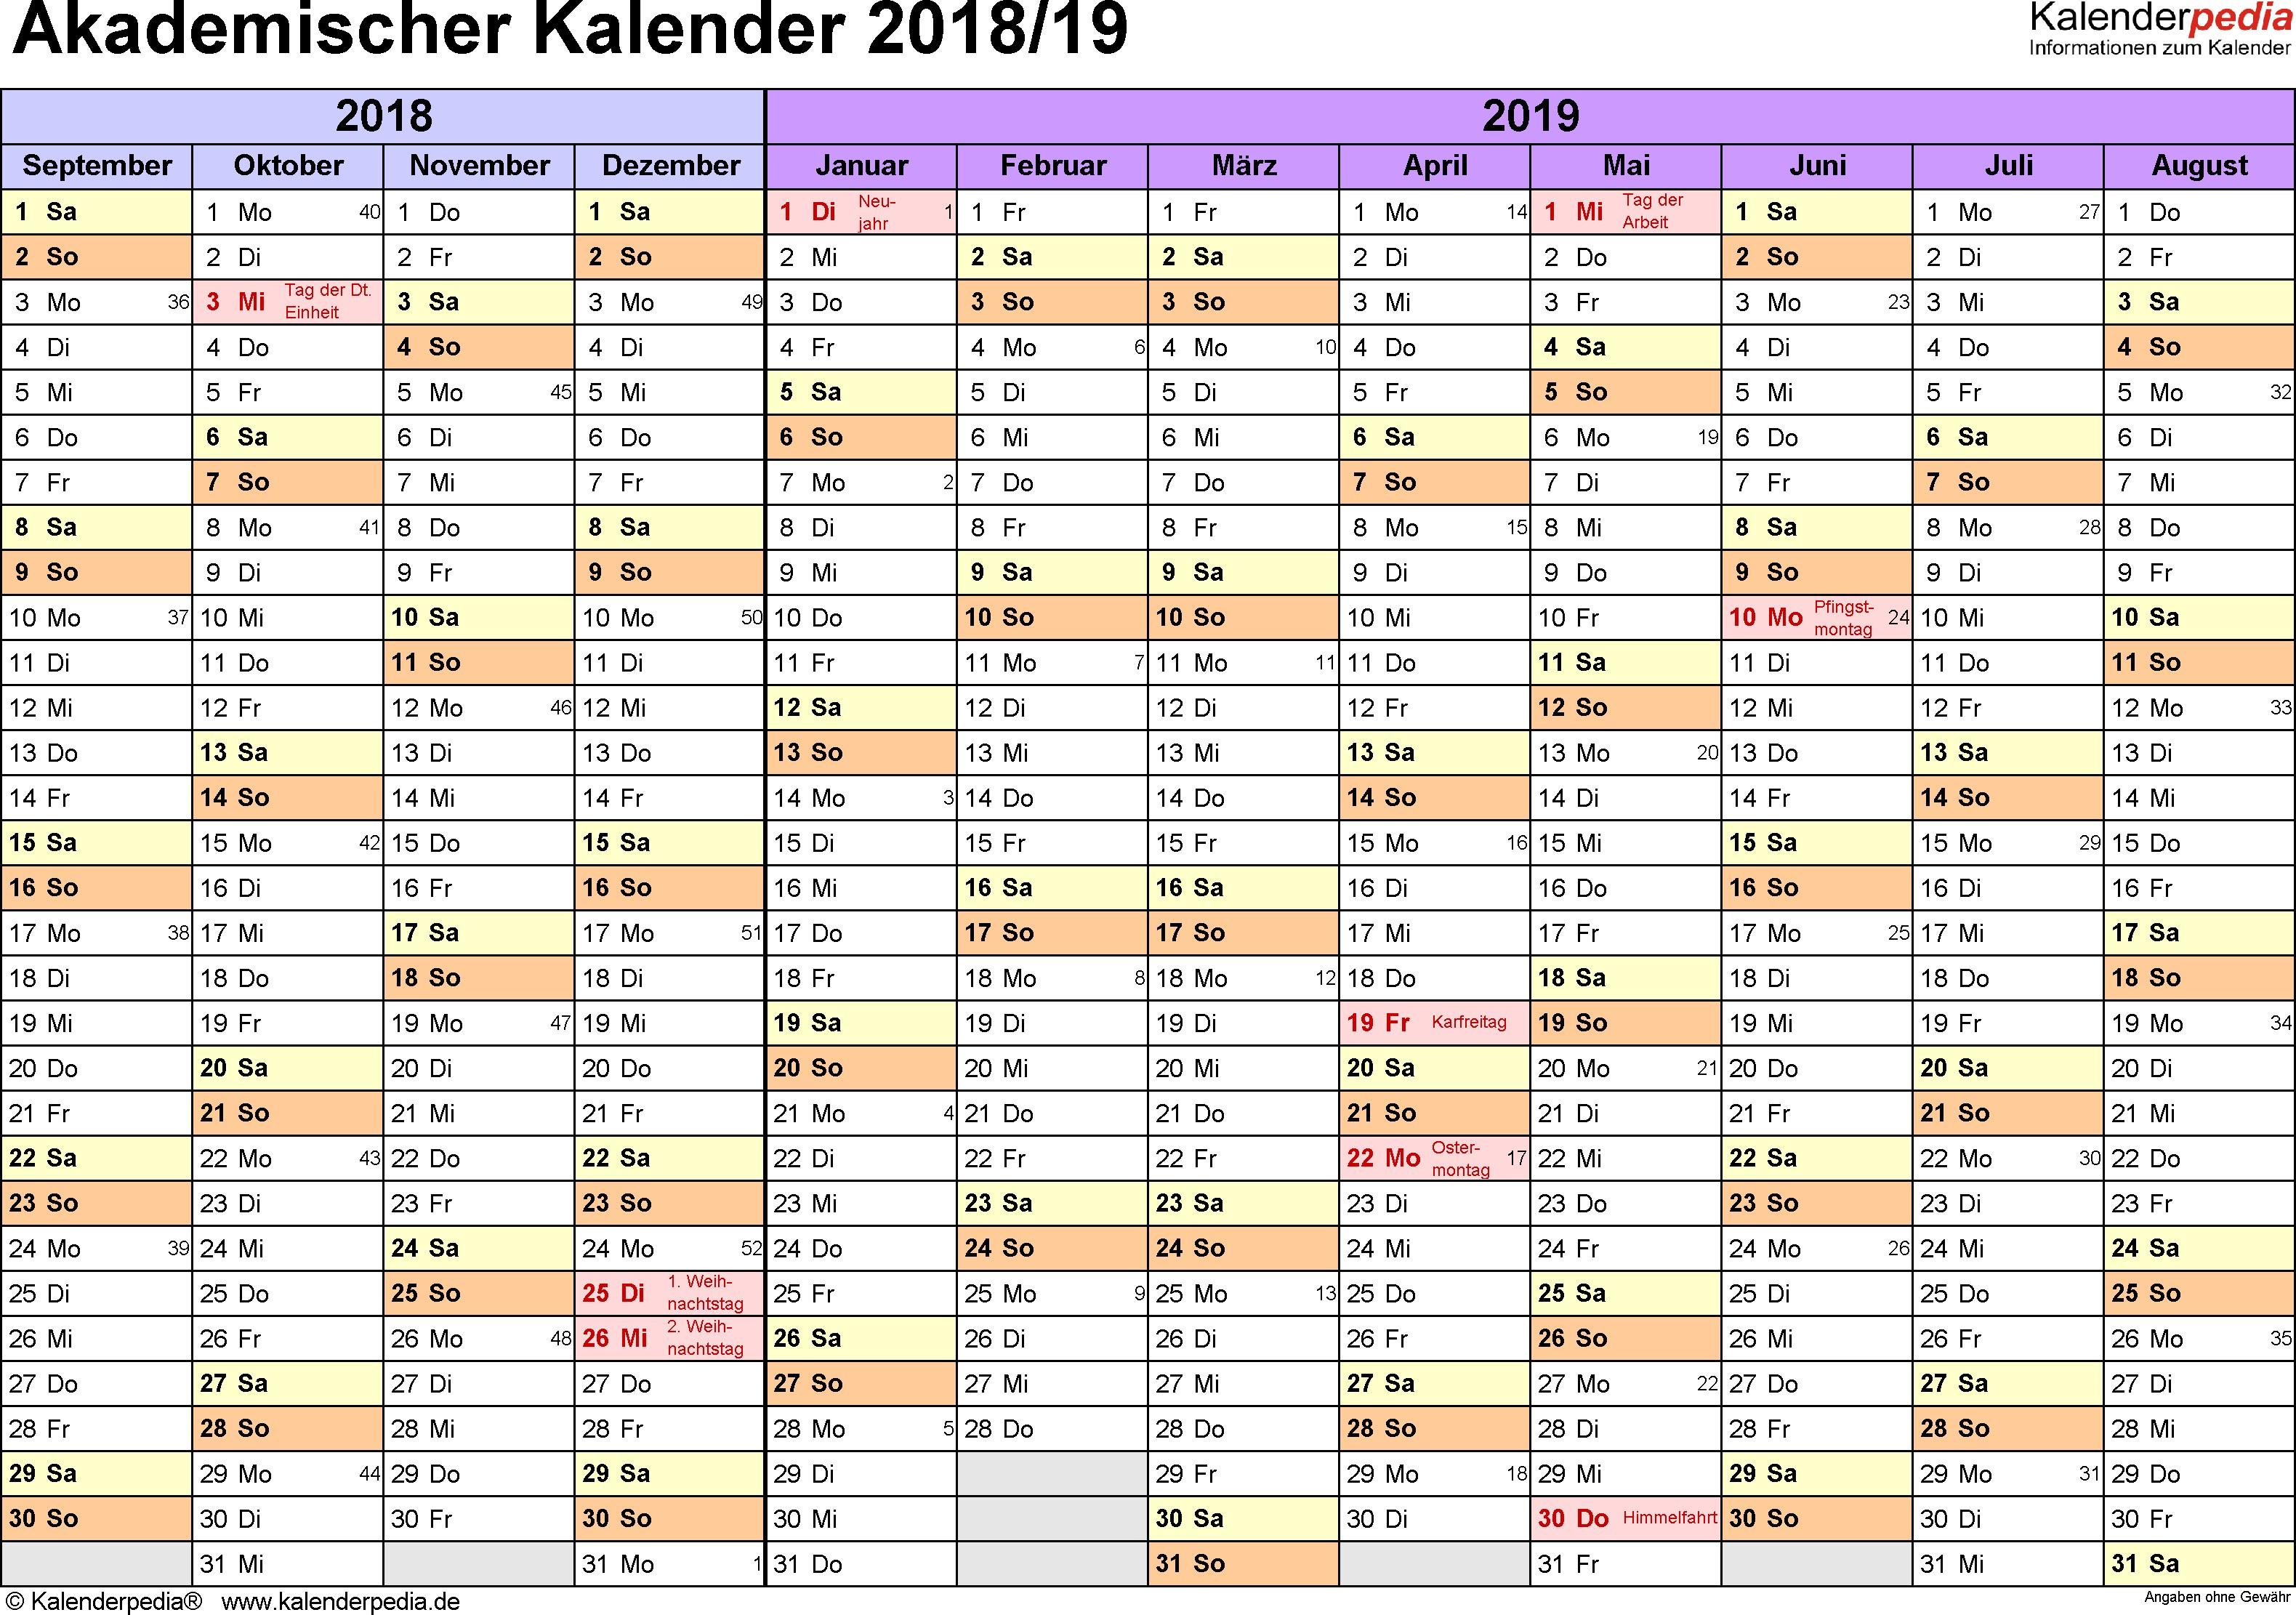 Kalender 2019 Pdf Zum Bearbeiten Mejores Y Más Novedosos Akademischer Kalender 2018 2019 Als Excel Vorlagen Of Kalender 2019 Pdf Zum Bearbeiten Recientes Kalender 2017 Brandenburg Zum Ausdrucken Kalender 2017